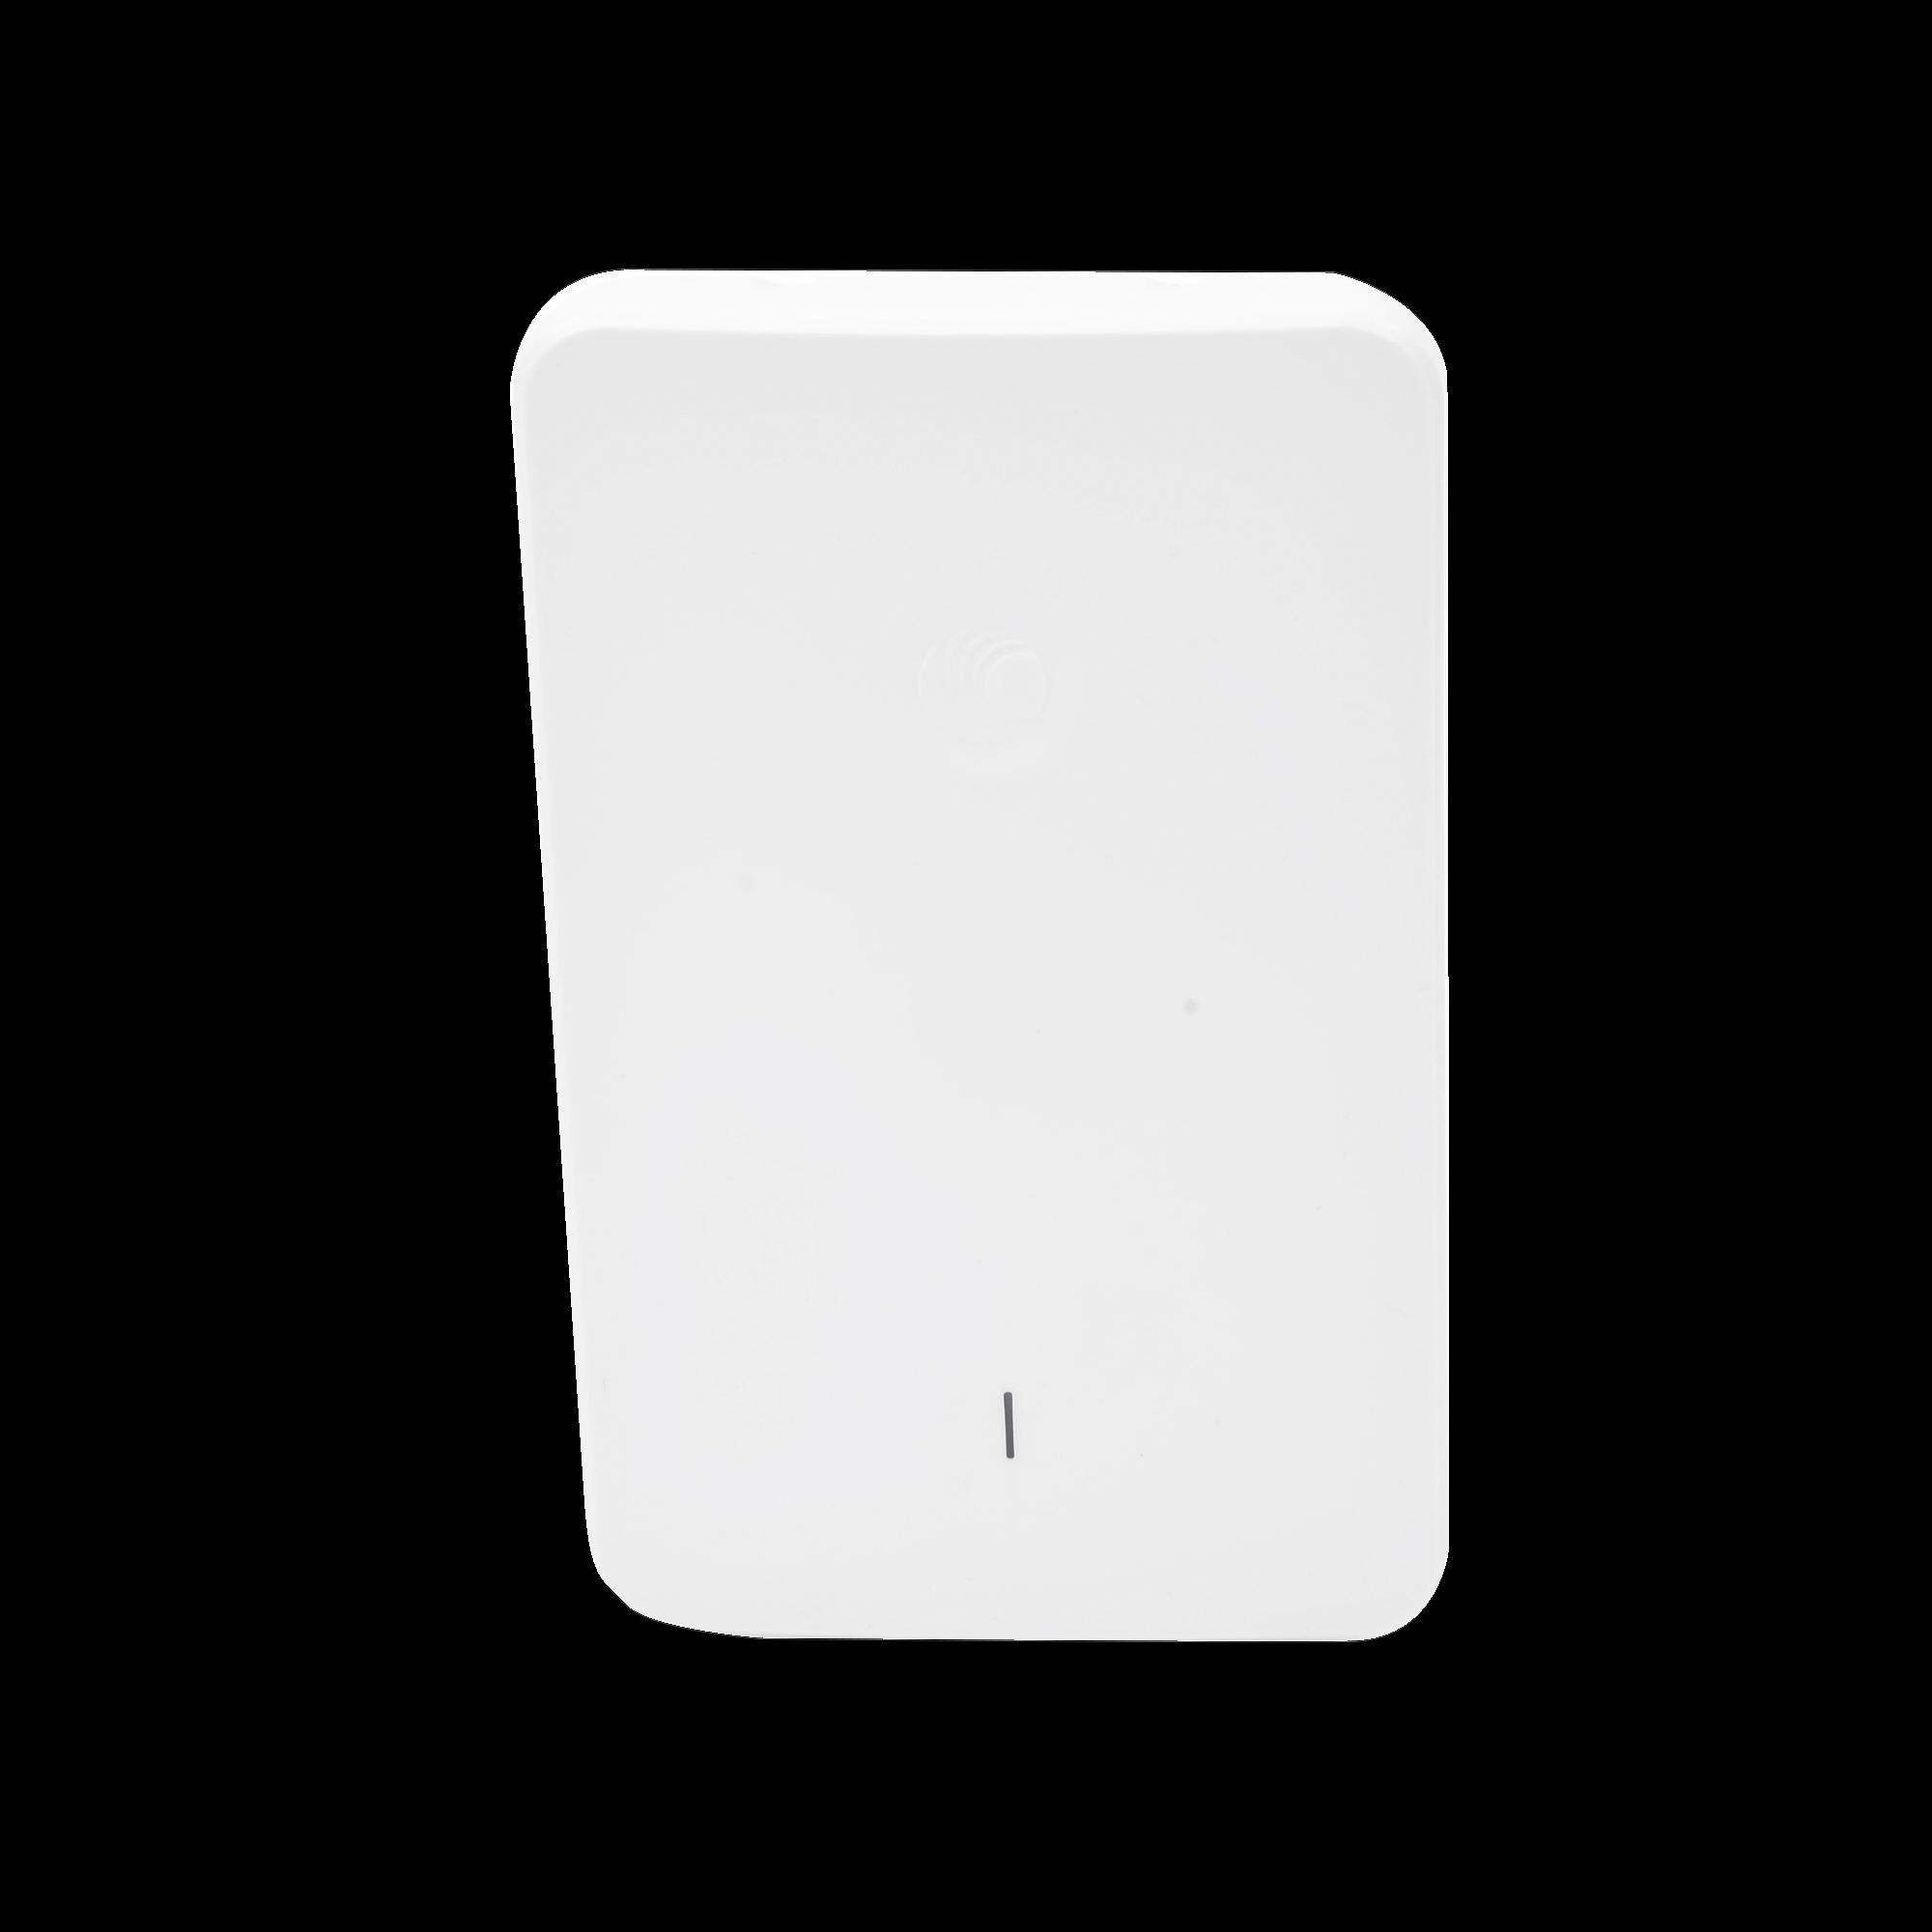 Access Point WiFi cnPilot e505 de alta densidad de usuarios y alta cobertura para exterior, IP67, soporta temperaturas extremas, doble banda, omnidireccional